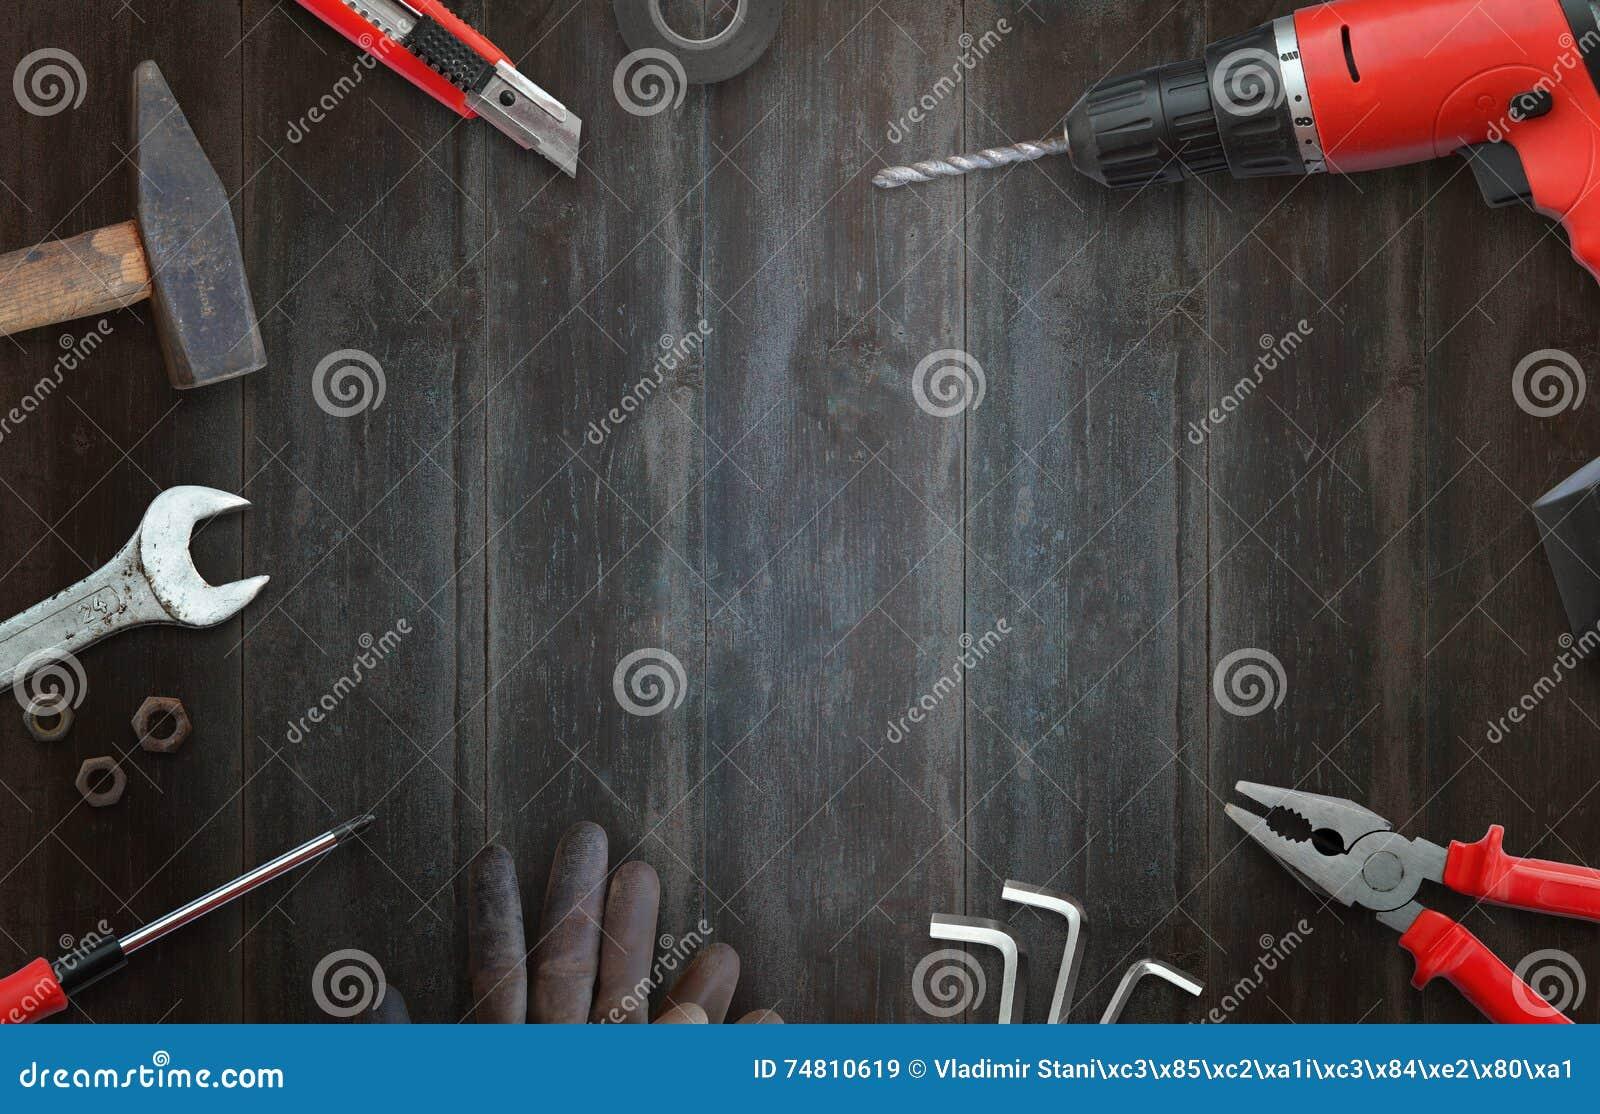 Εργαλεία Handyman για τις εγχώριες επισκευές τοπ άποψη και ελεύθερου χώρου για το κείμενο